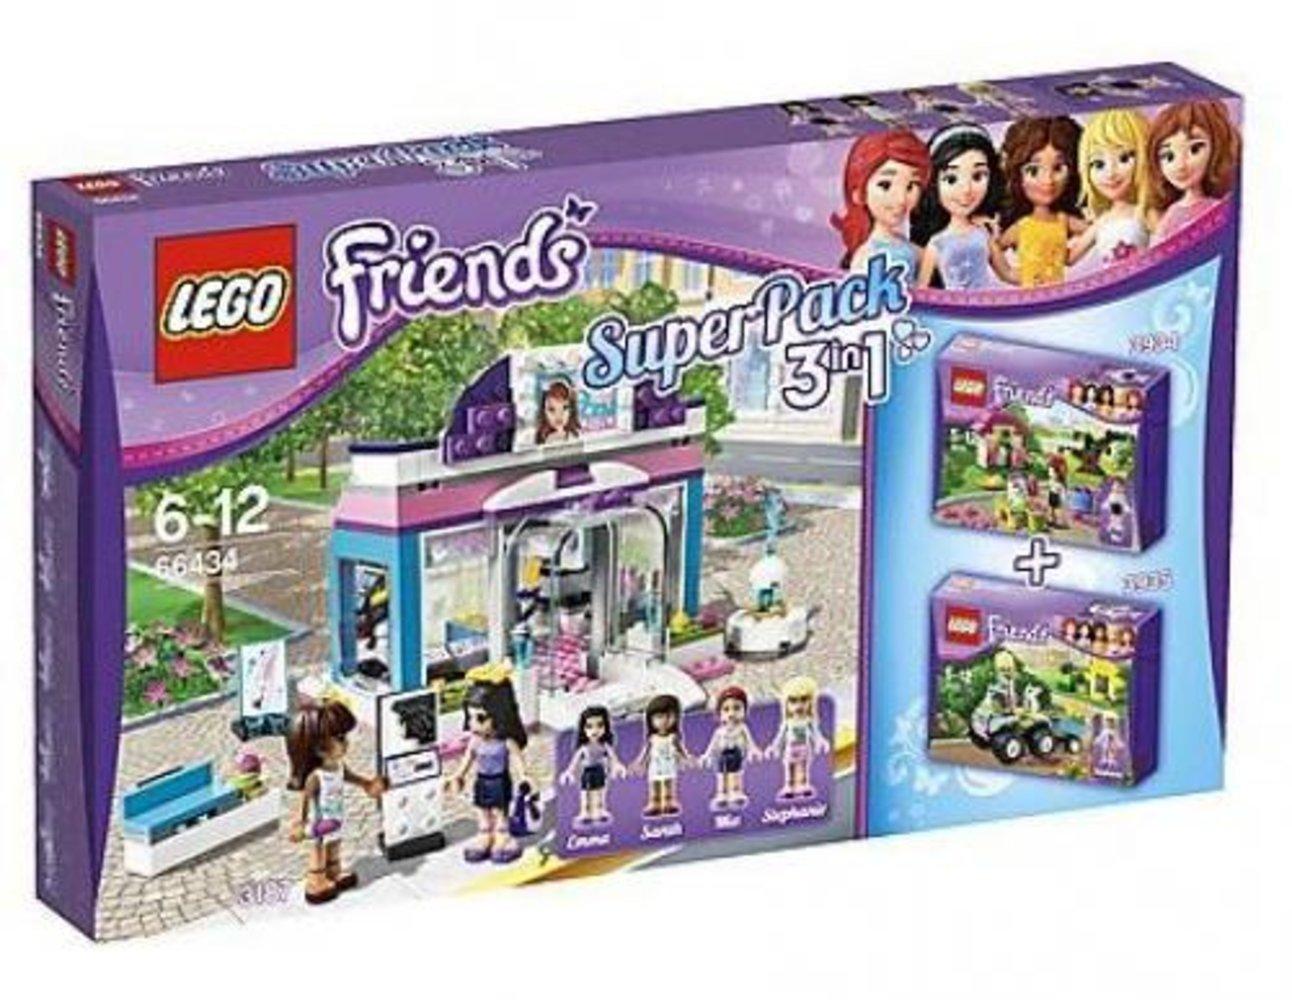 Friends Super Pack 3 in 1 (3187, 3934, 3935)